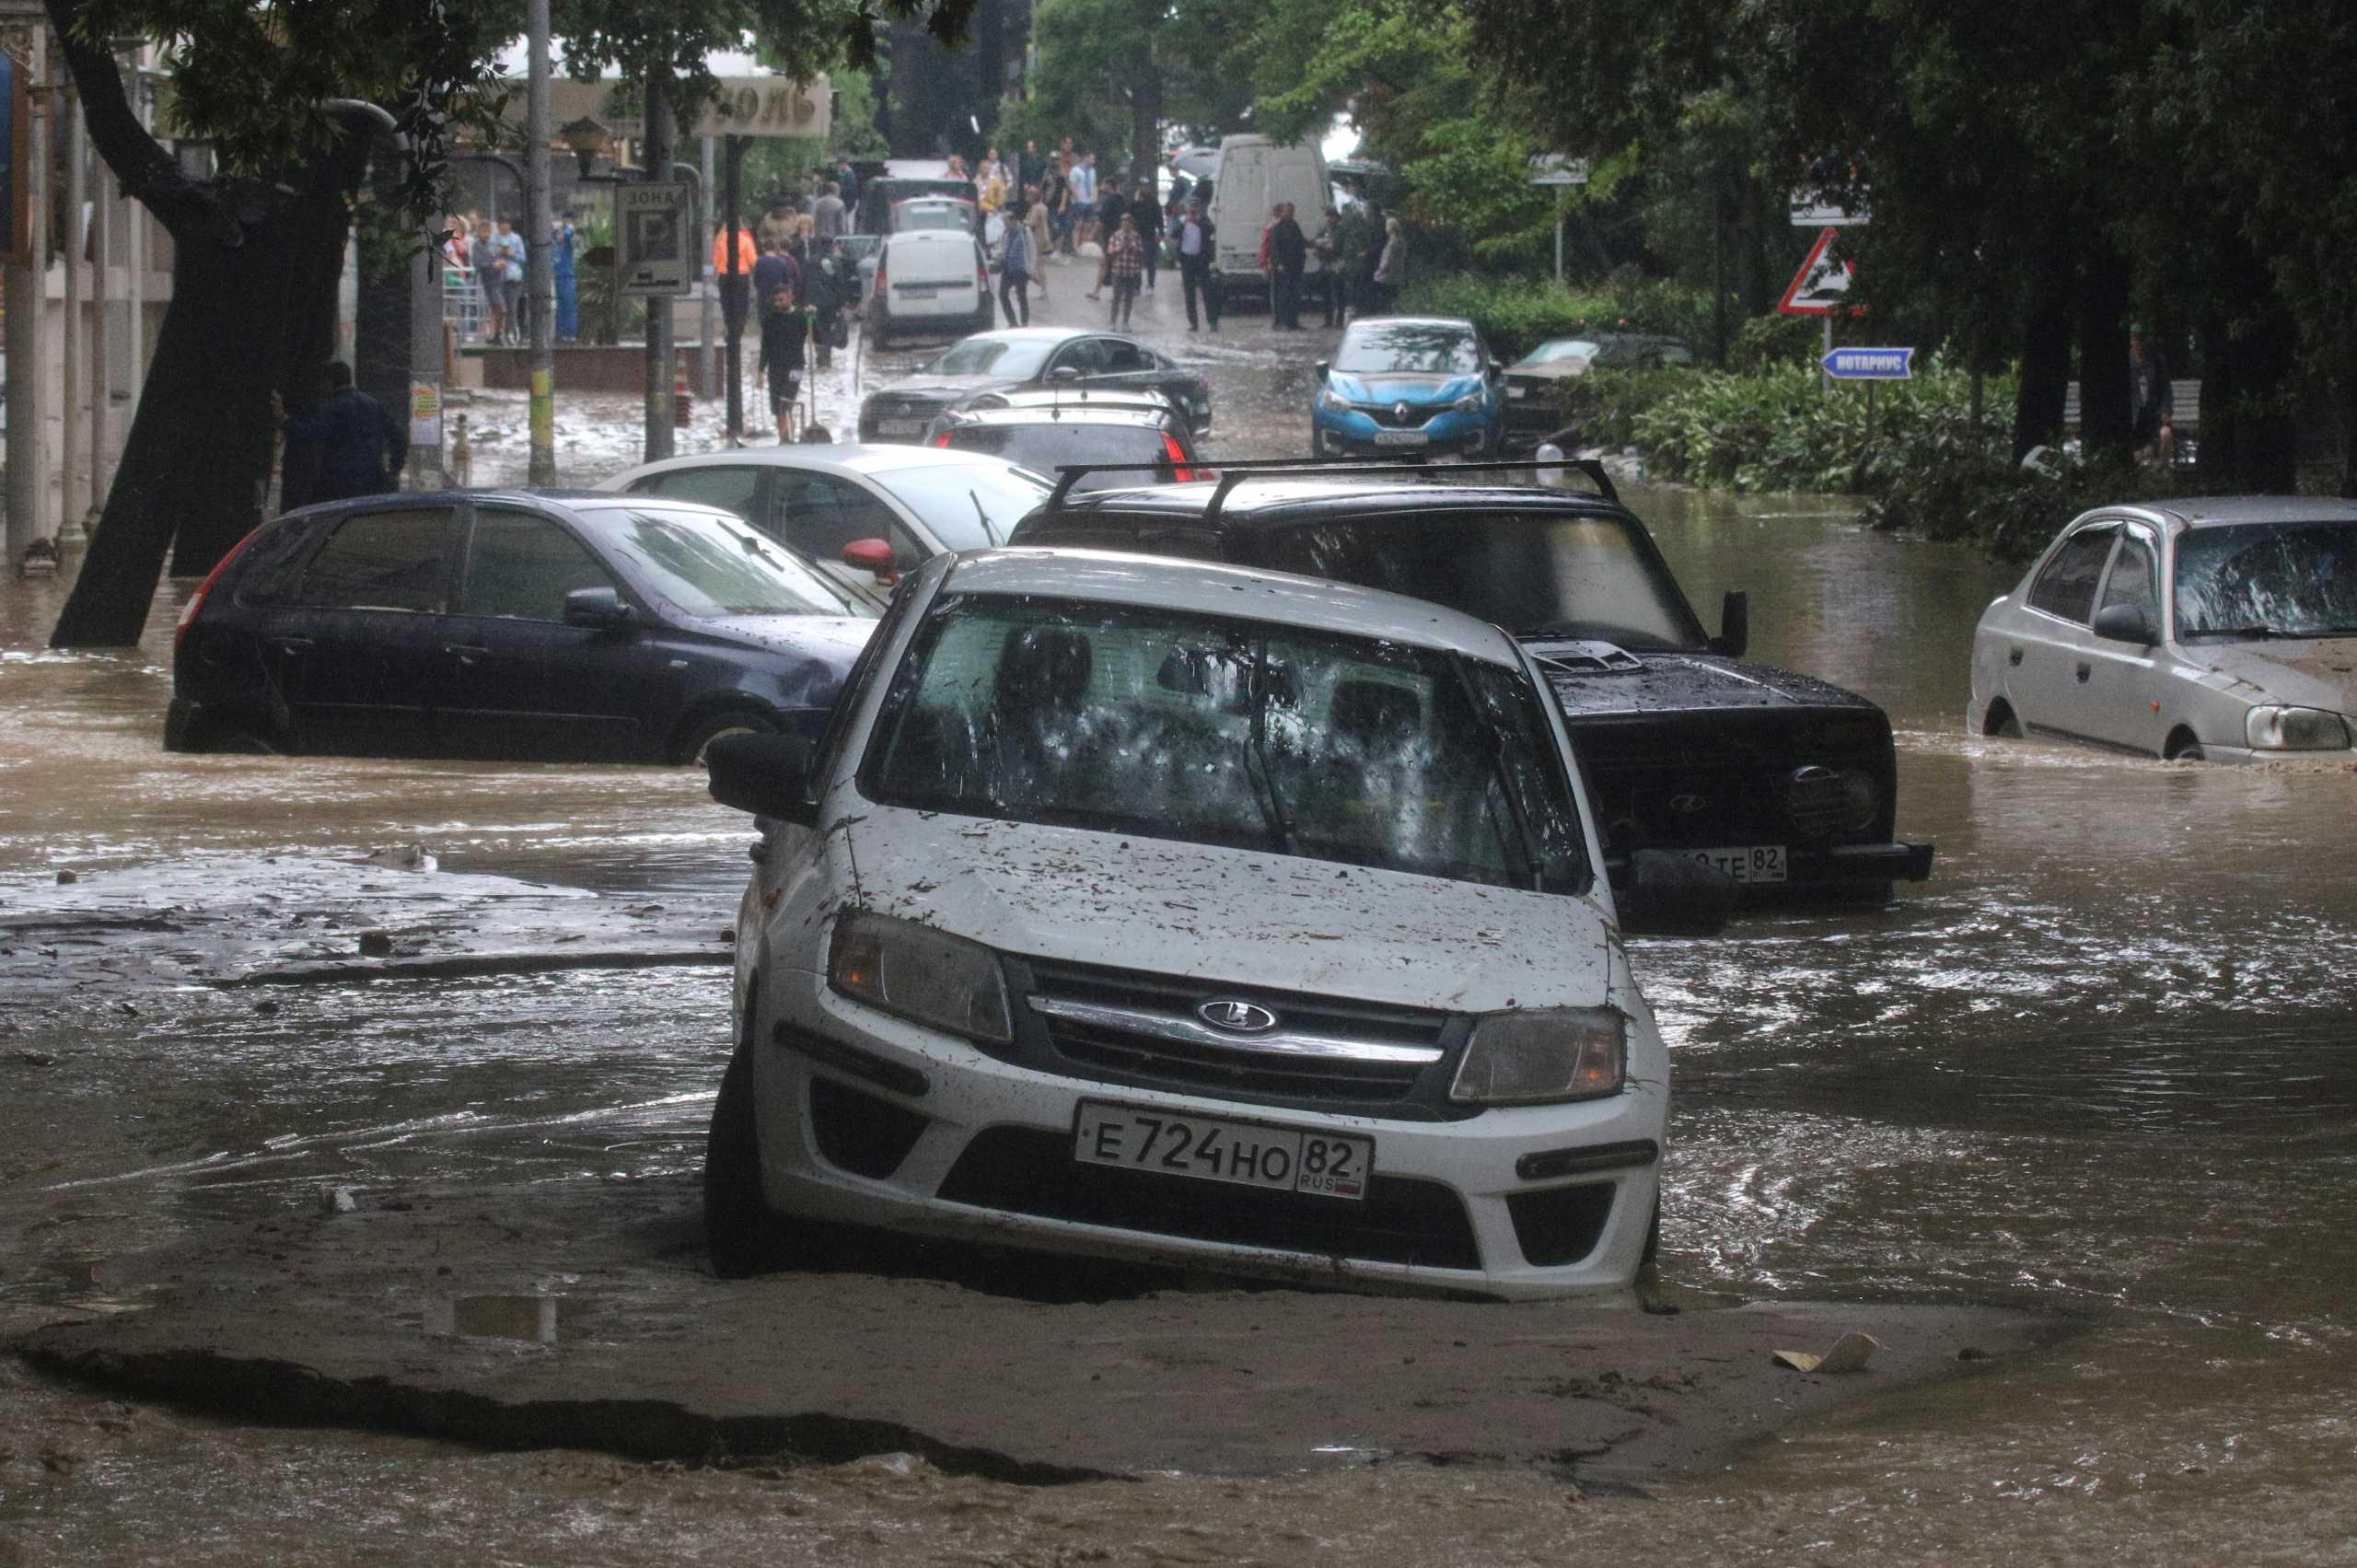 Πλημμύρες σαρώνουν την Κριμαία – Οκτώ τραυματίες (pics)